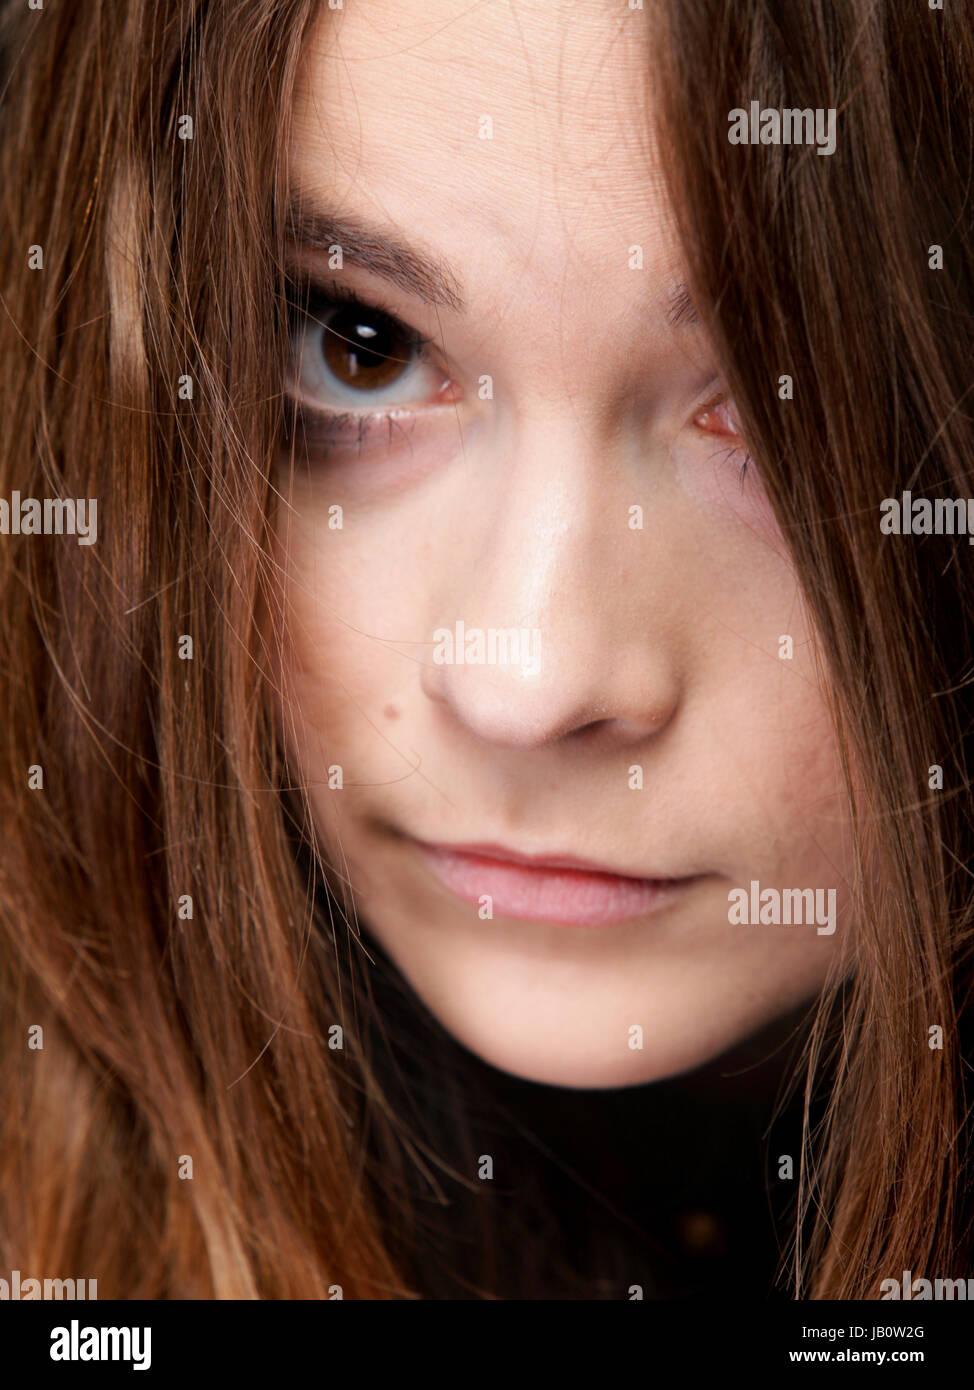 Portrait en gros plan d'une belle femme couvre la face par de longs poils bruns Banque D'Images